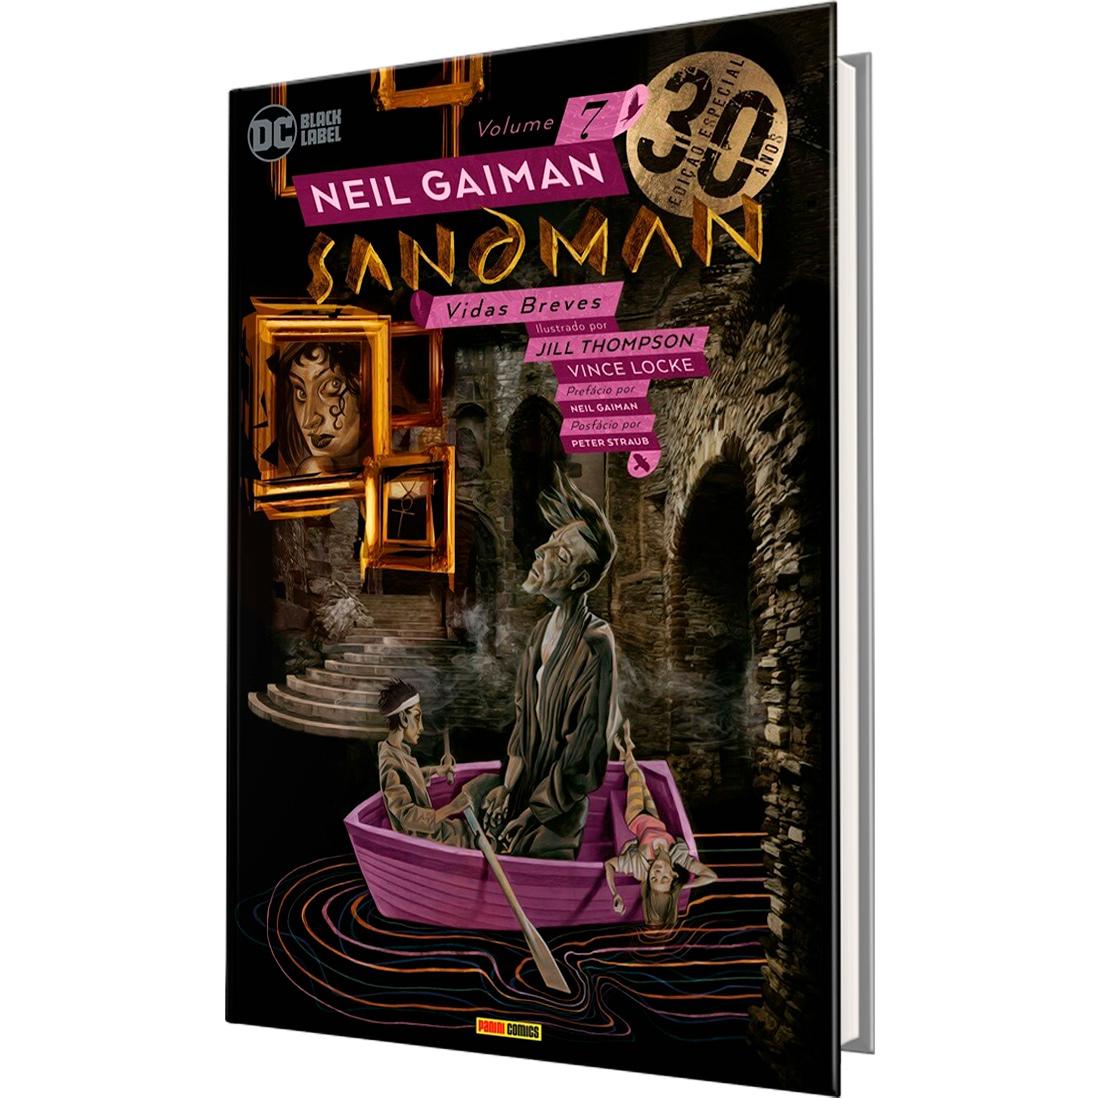 Sandman Vol. 7 - Edição Especial de 30 Anos - Vidas Breves